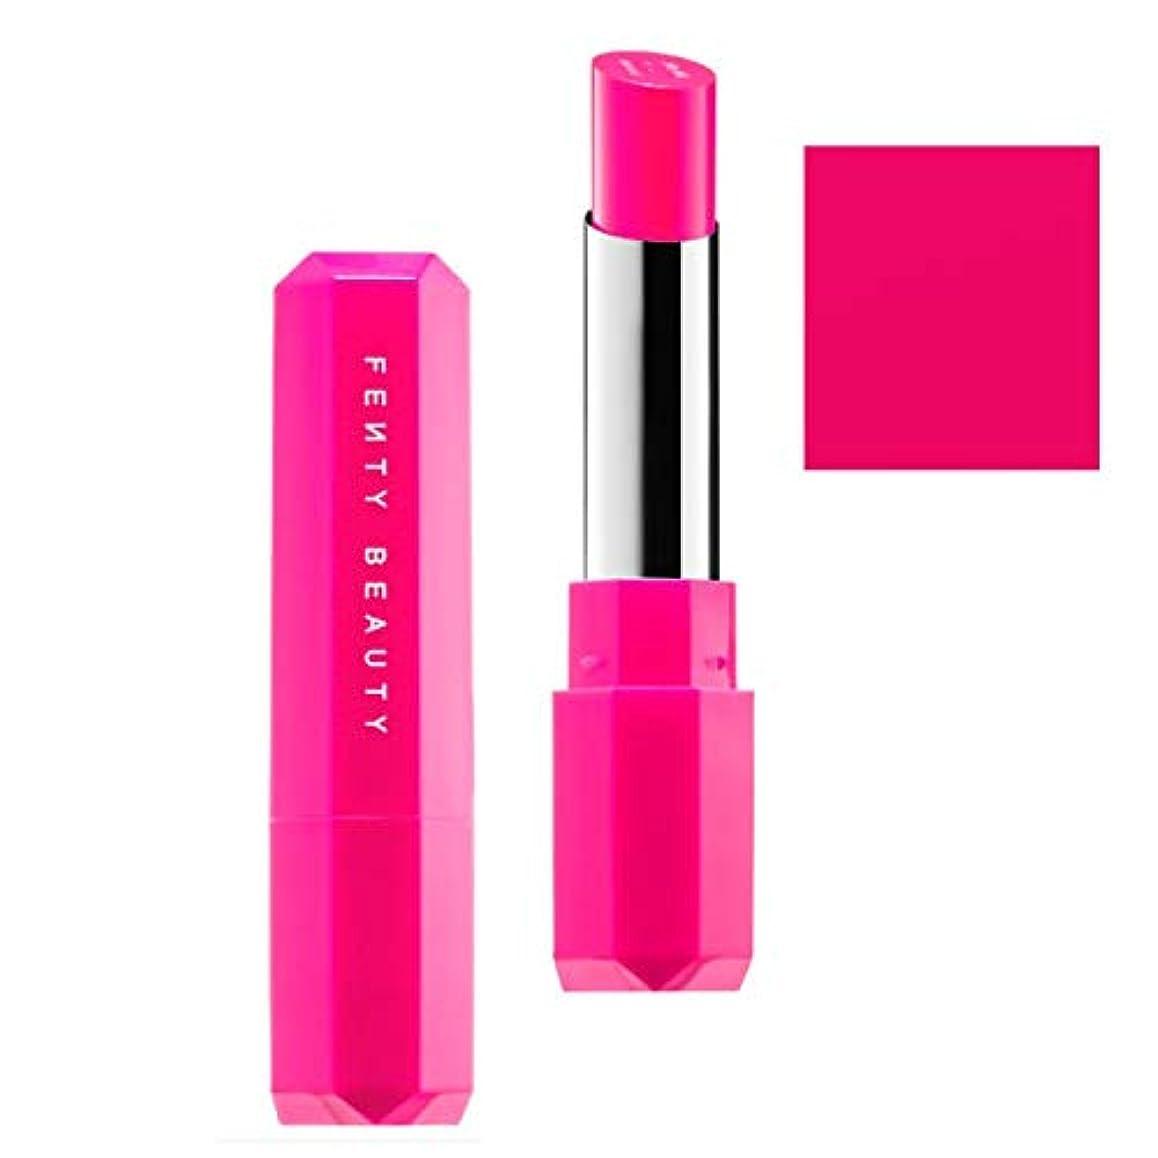 自然インシュレータ水素FENTY BEAUTY BY RIHANNA,New!!, 限定版 limited-edition, Poutsicle Juicy Satin Lipstick - Tropic Tantrum [海外直送品] [並行輸入品]